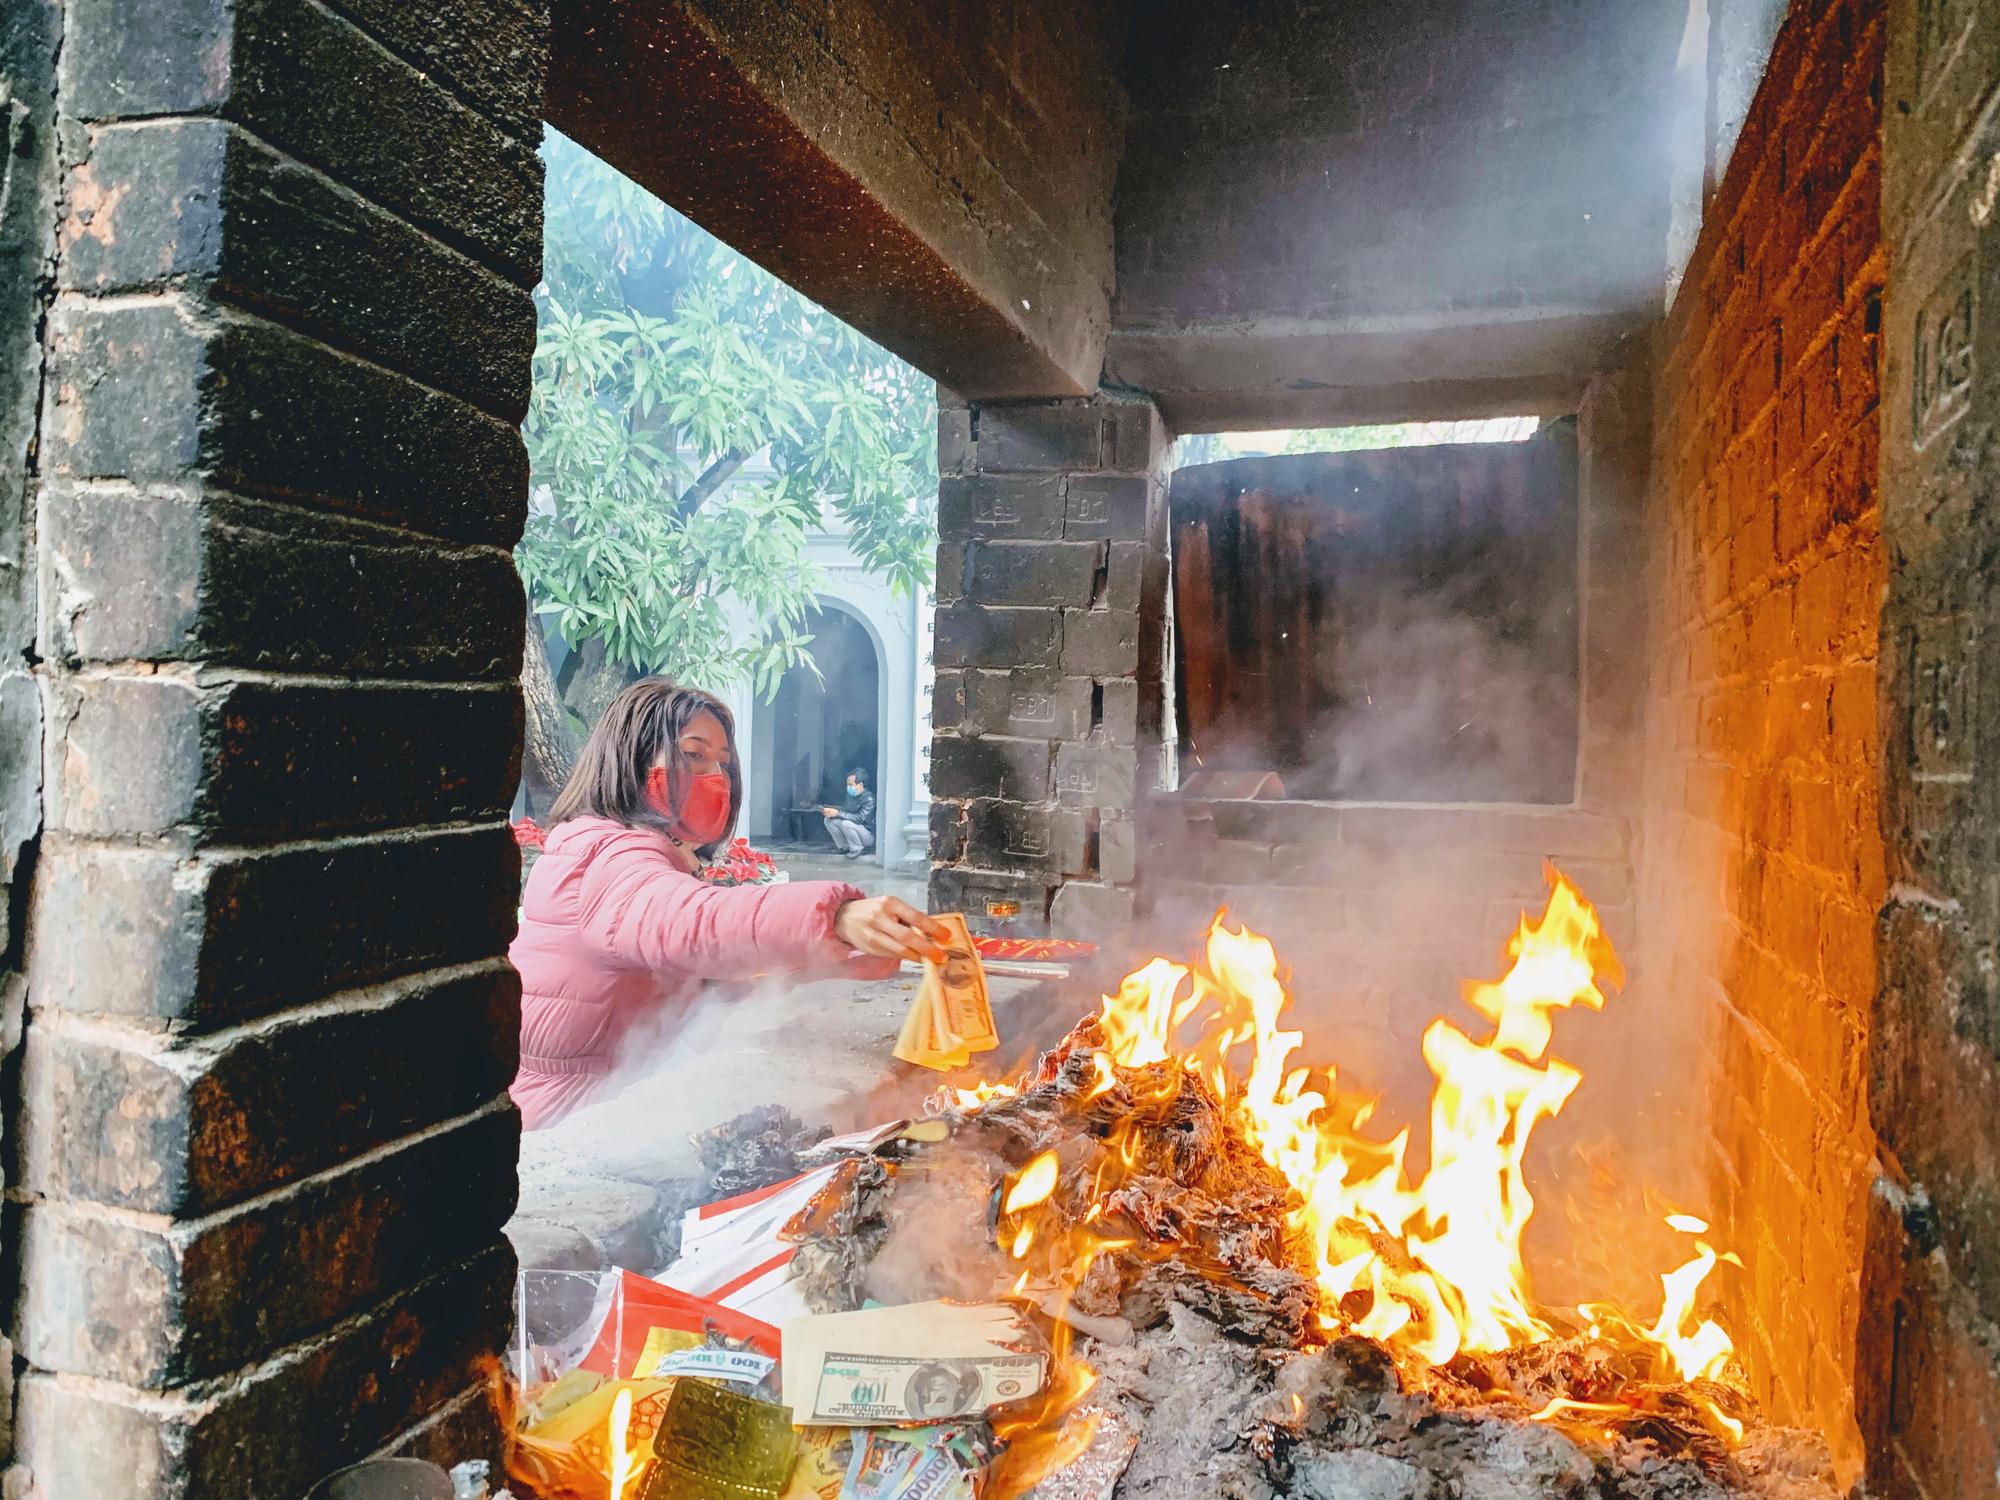 Rằm tháng Giêng, hàng quán ven đền chùa ế ẩm, người bán than trời: Chưa năm nào vắng như năm nay - Ảnh 16.